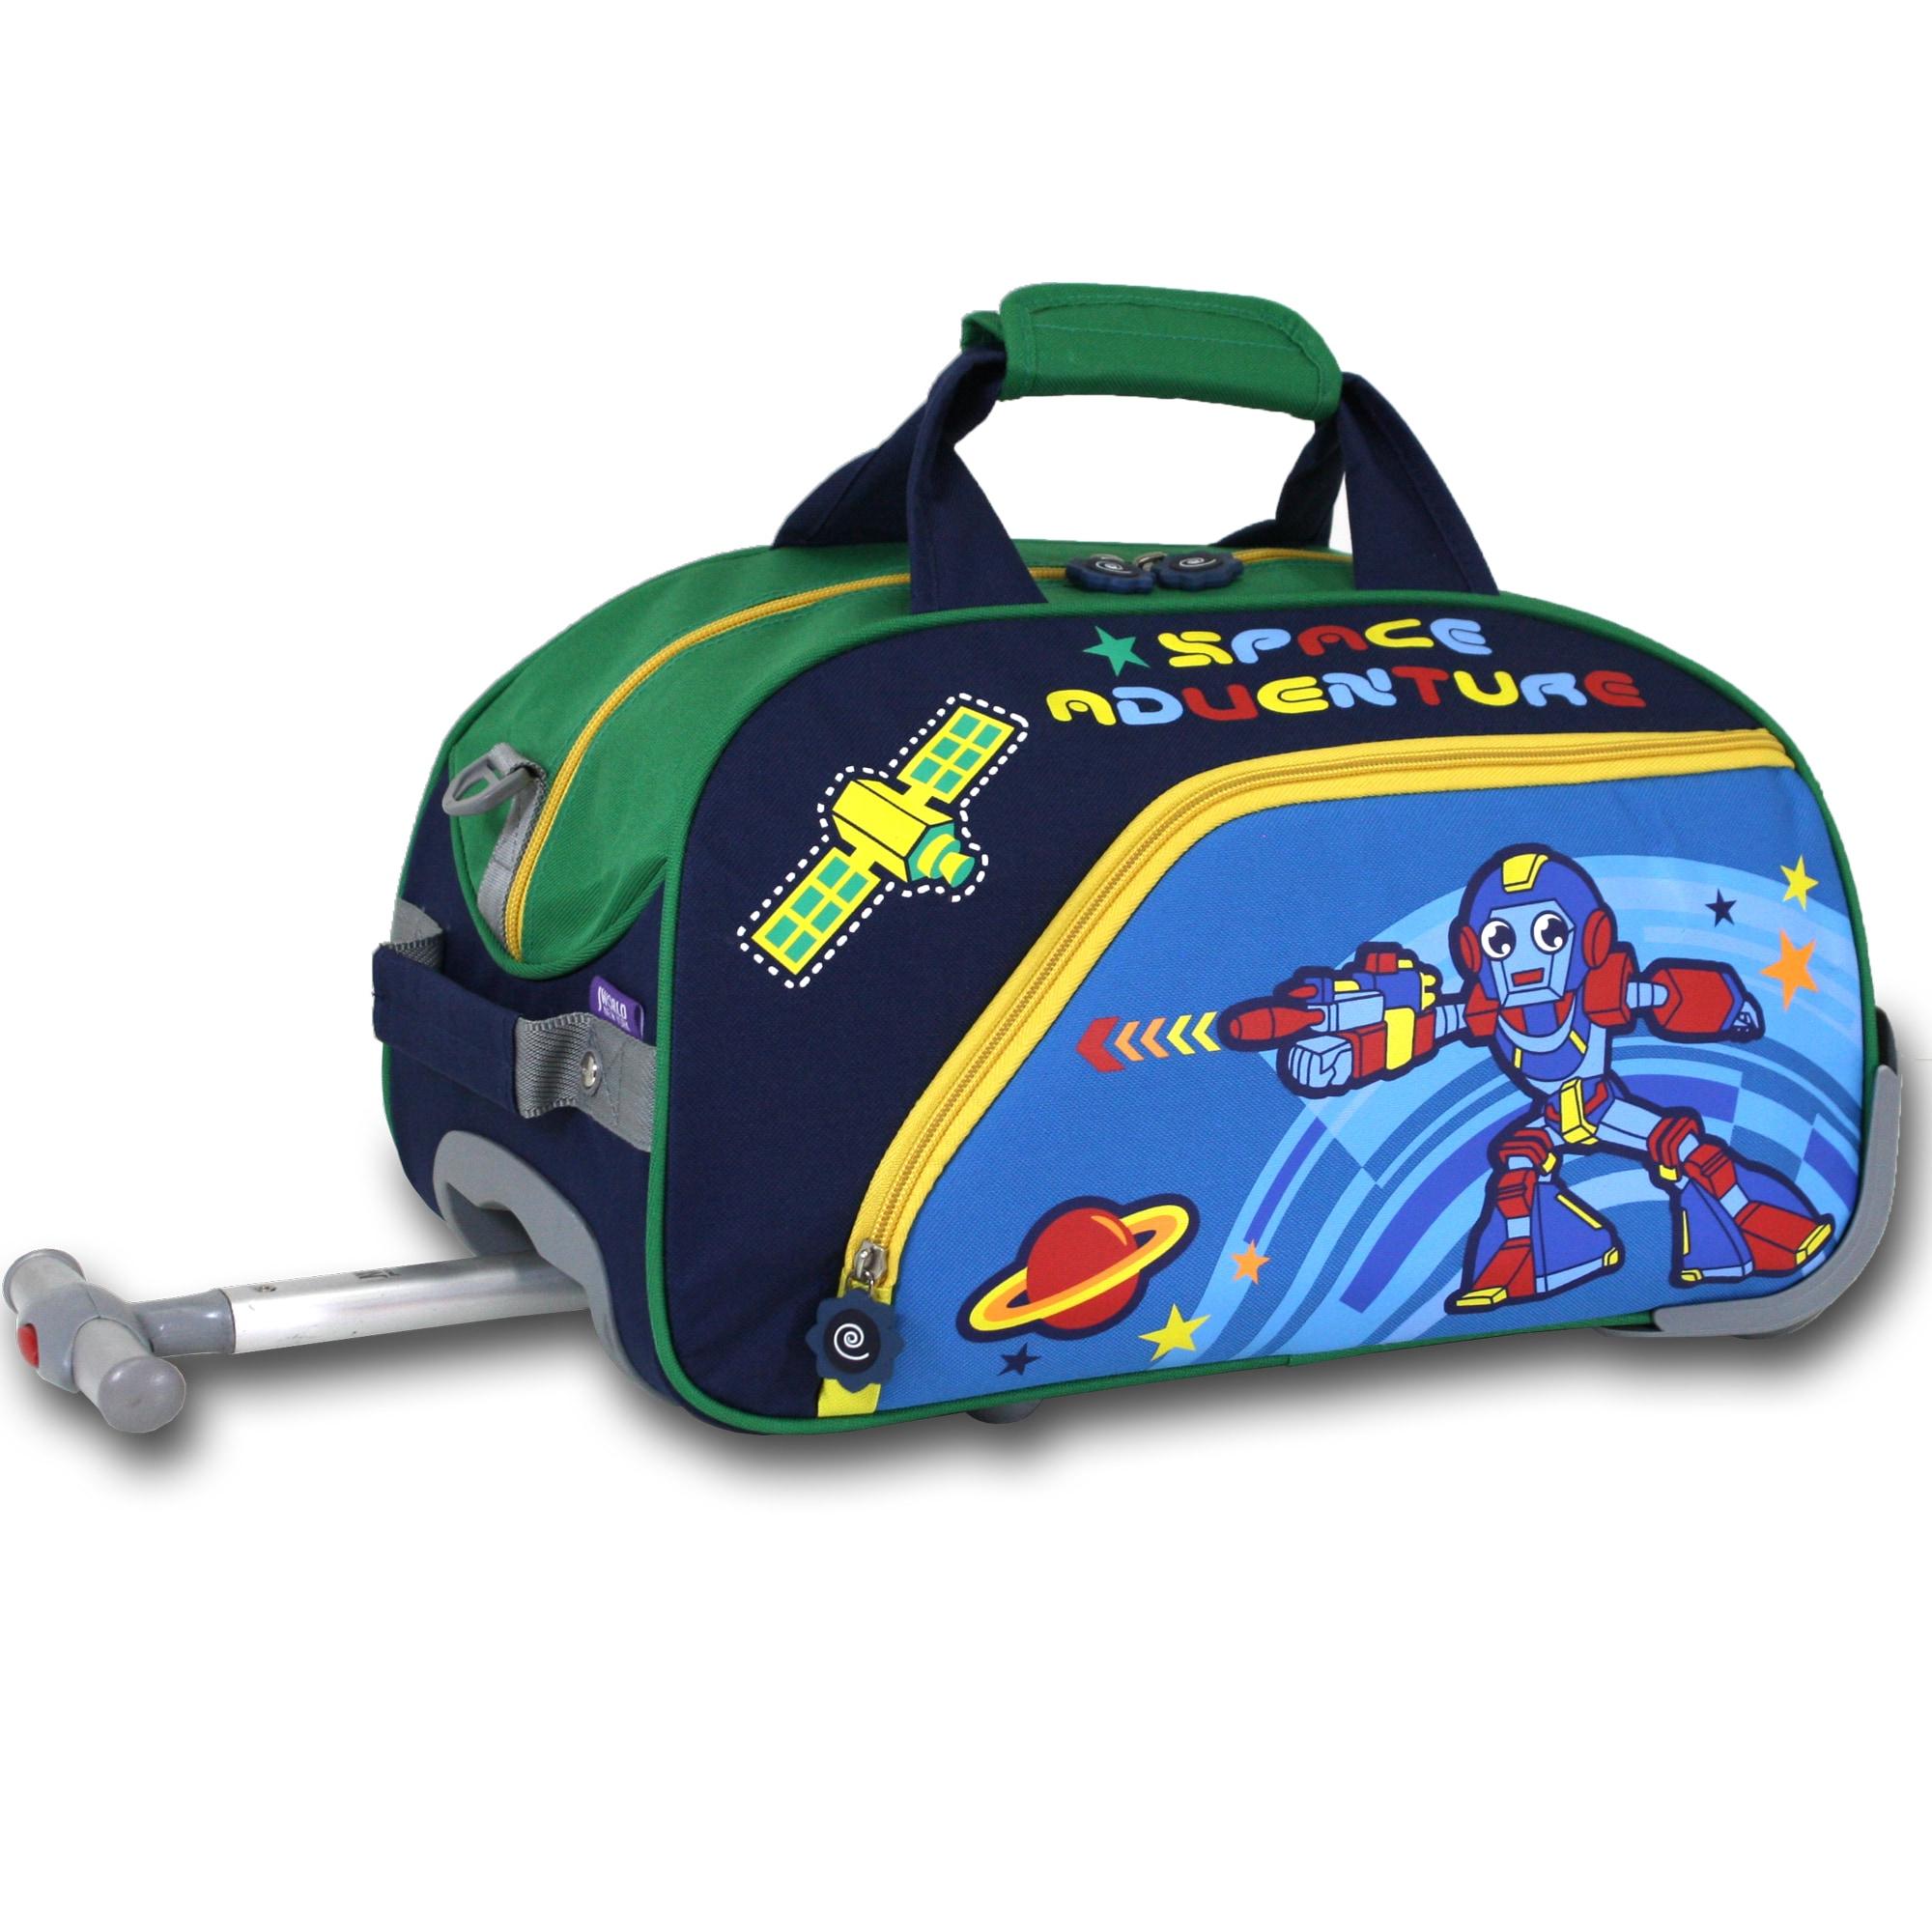 J World Robot Kids Rolling Duffel Bag (Robot), Blue